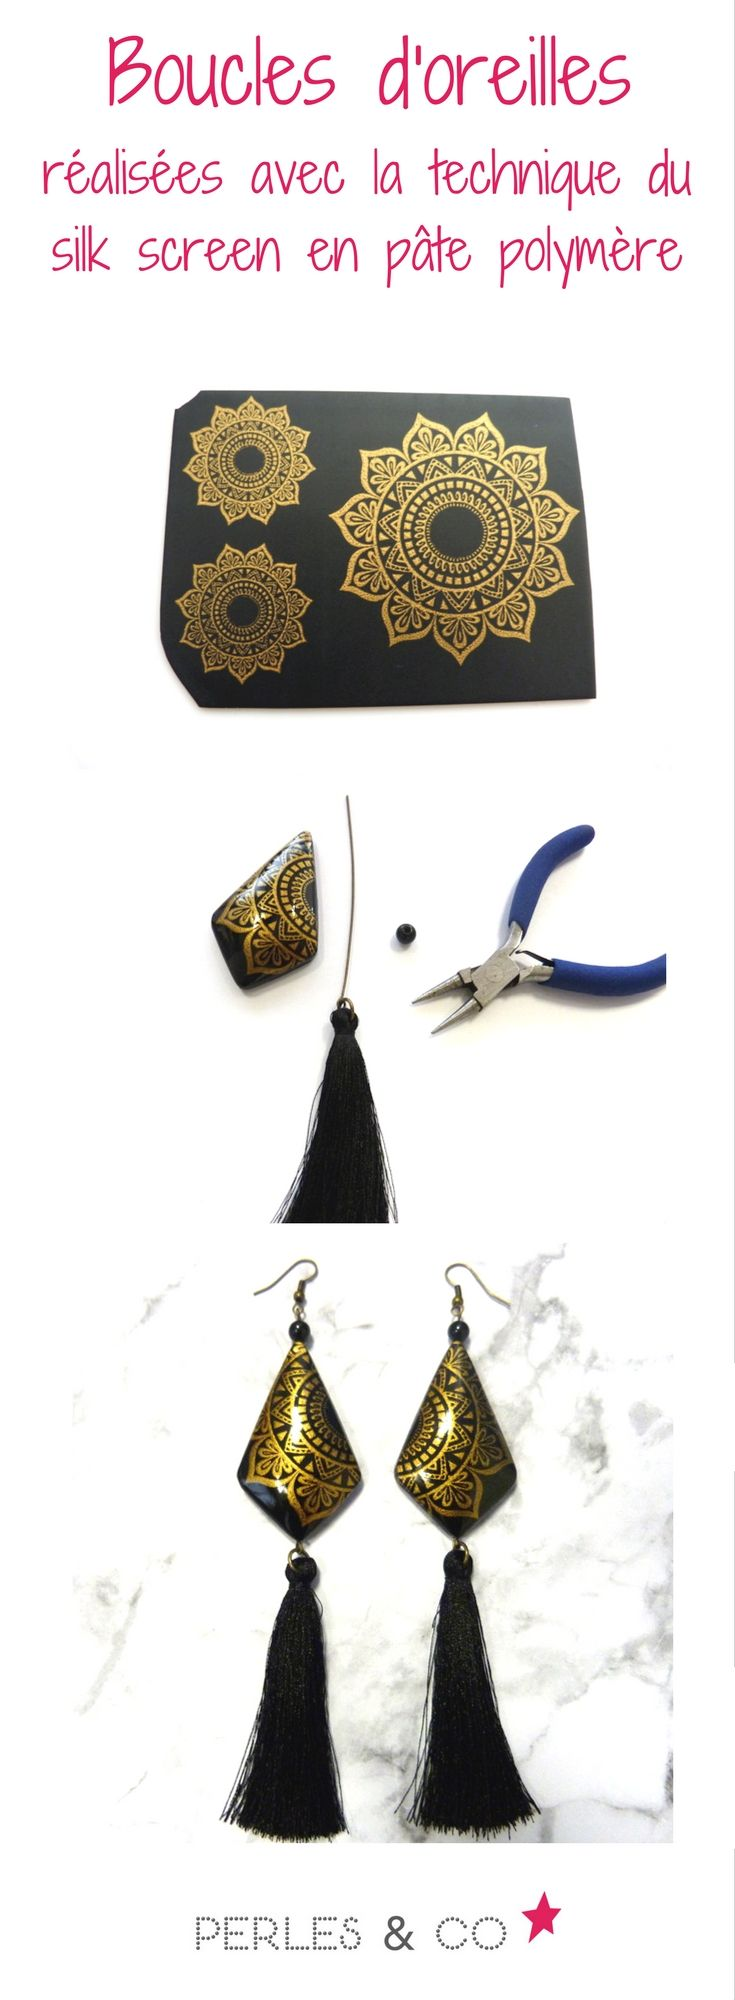 Tutoriel DIY pour réaliser une paire de boucles d'oreilles chics et dorées. Elles sont réalisées à partir d'uneplaque de pâte Fimo noire et un d'un écran silk -screen ( ou écran de sérigraphie) avec de la peinture dorée. Retrouvez le tutoriel sur le site de Perles & Co >> https://www.perlesandco.com/Boucles_d_oreilles_chics_silk_screen_en_pate_polymere-s-2566-6.html